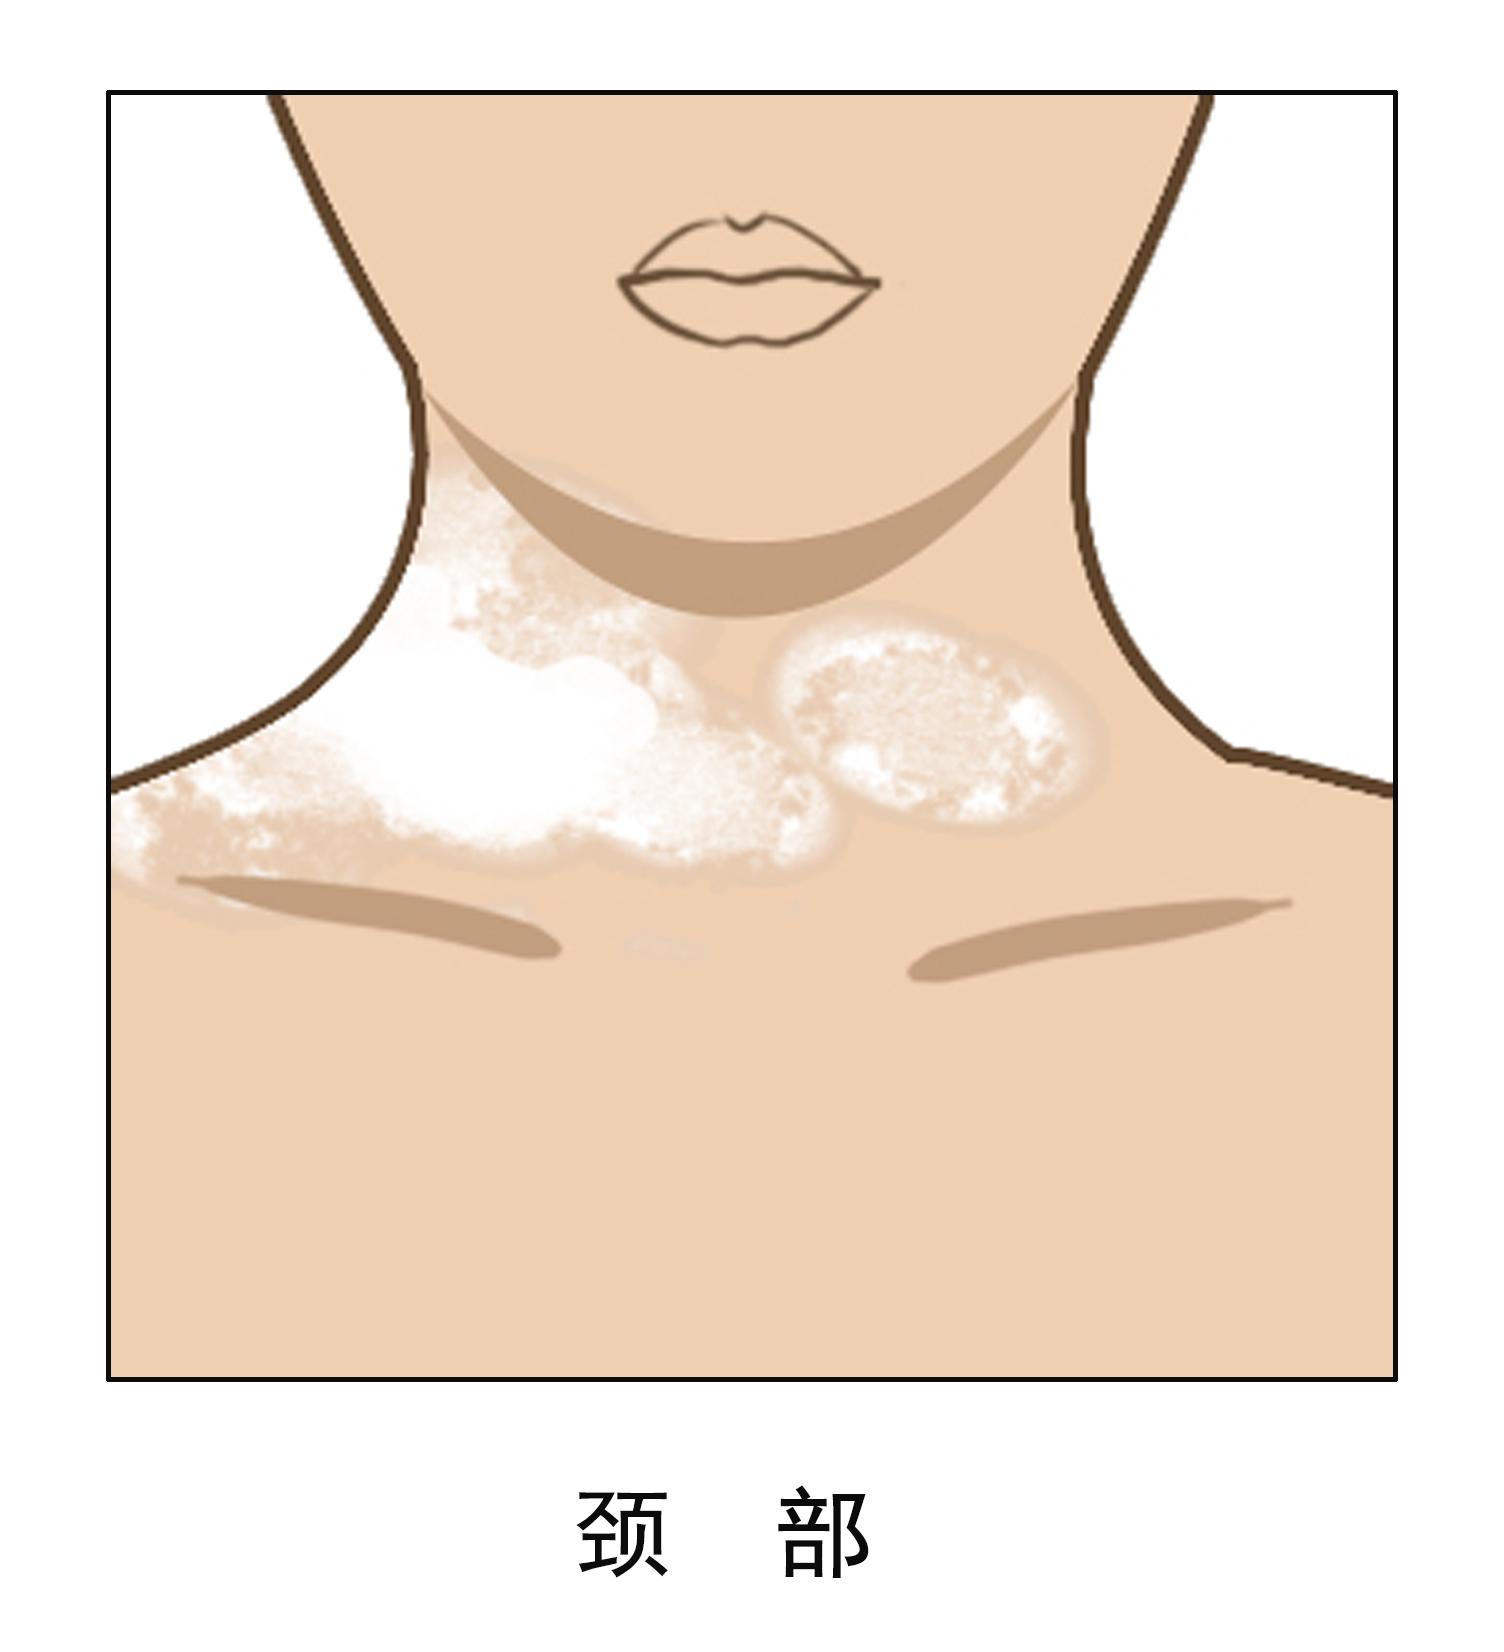 云南女性颈部有白癜风该怎么治